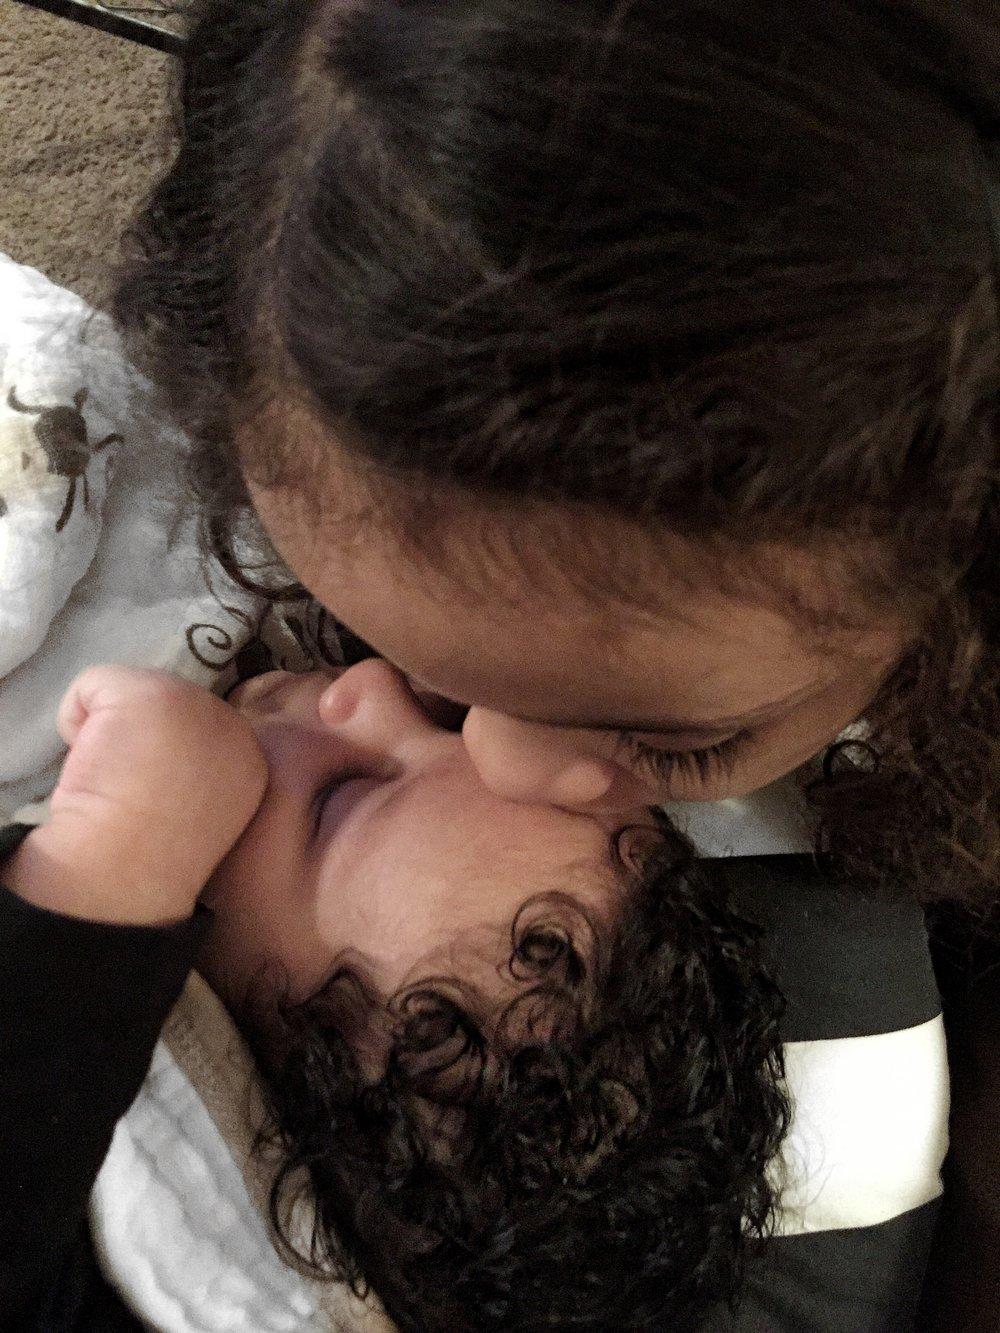 Kisses for days!